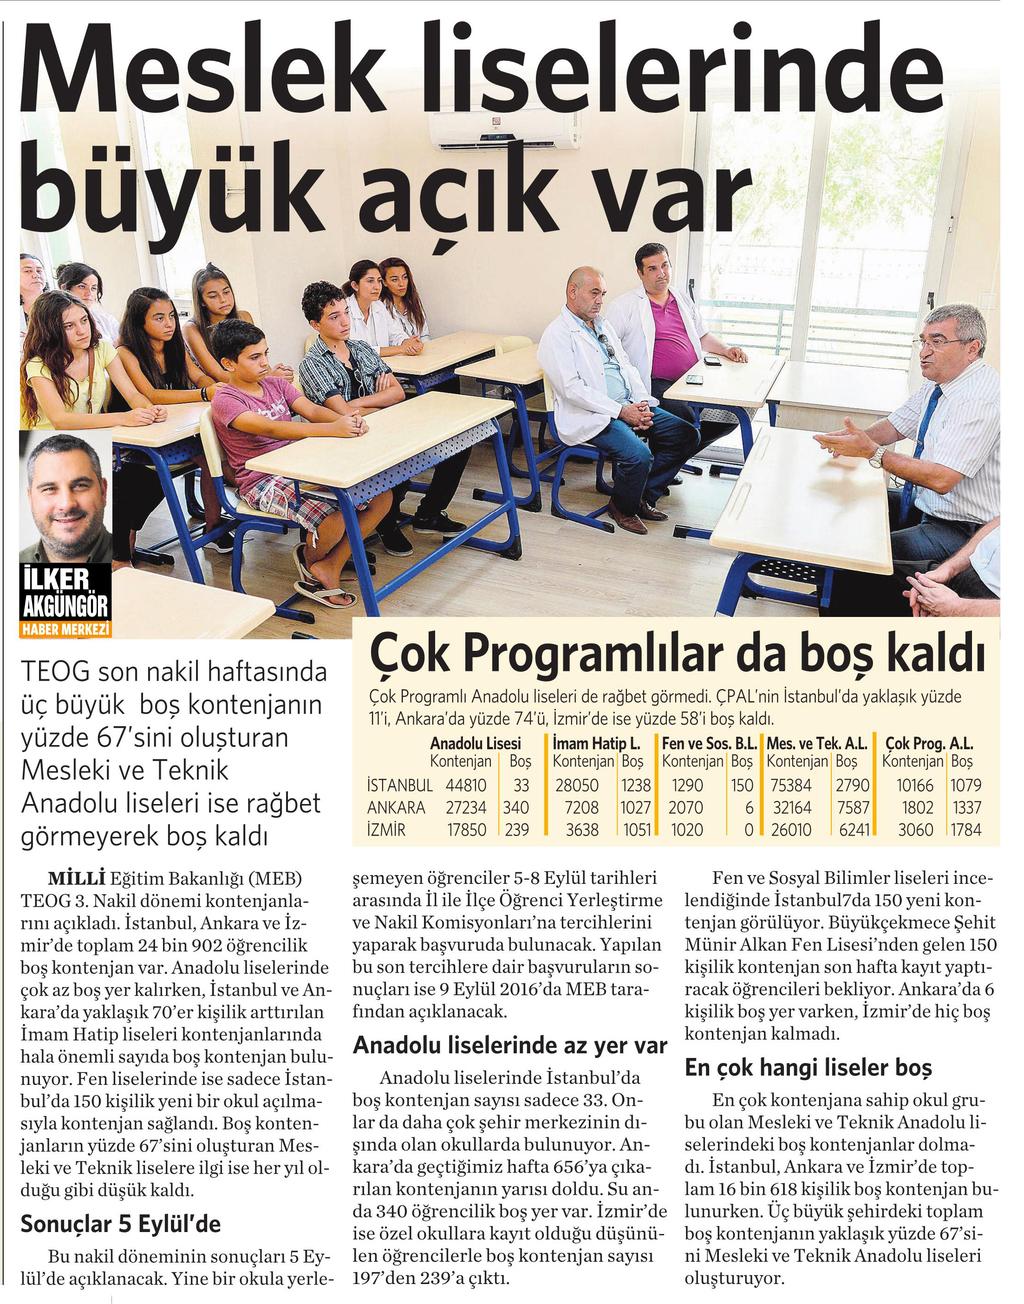 30 Ağustos 2016 Vatan Gazetesi 4. sayfa